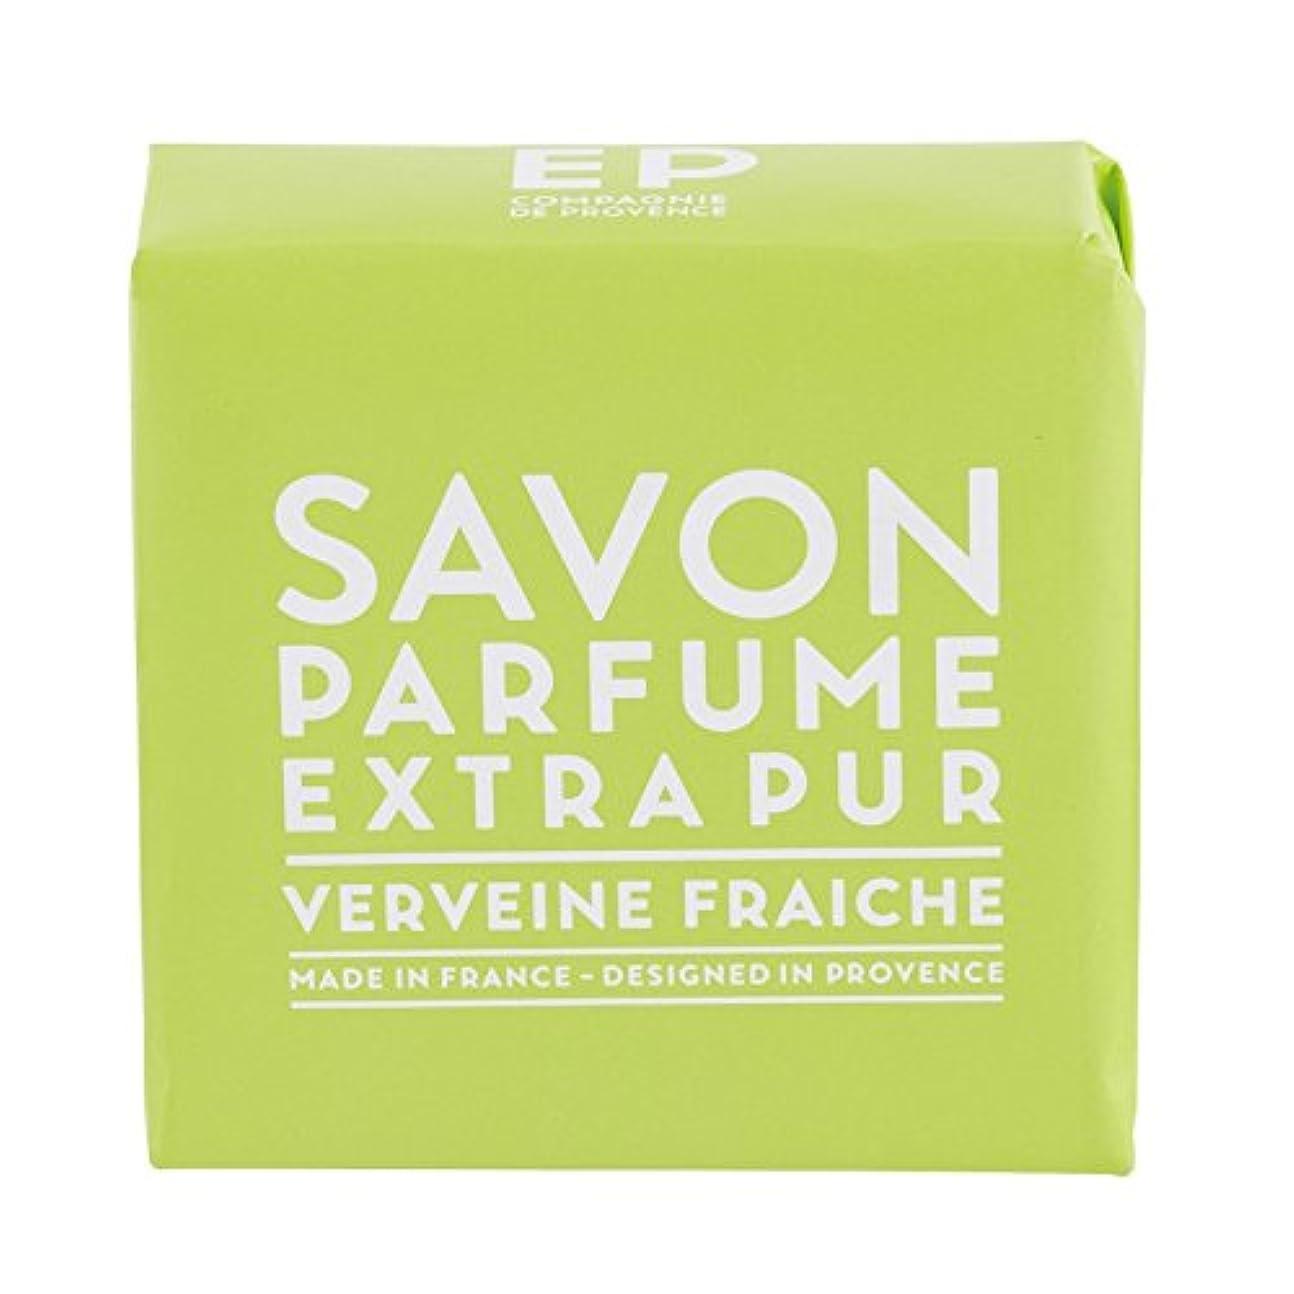 先入観論争的日焼けカンパニードプロバンス EXP  マルセイユソープ バーベナ 100g(全身用石けん?フランス製?フレッシュで爽快感のあるバーベナの香り)